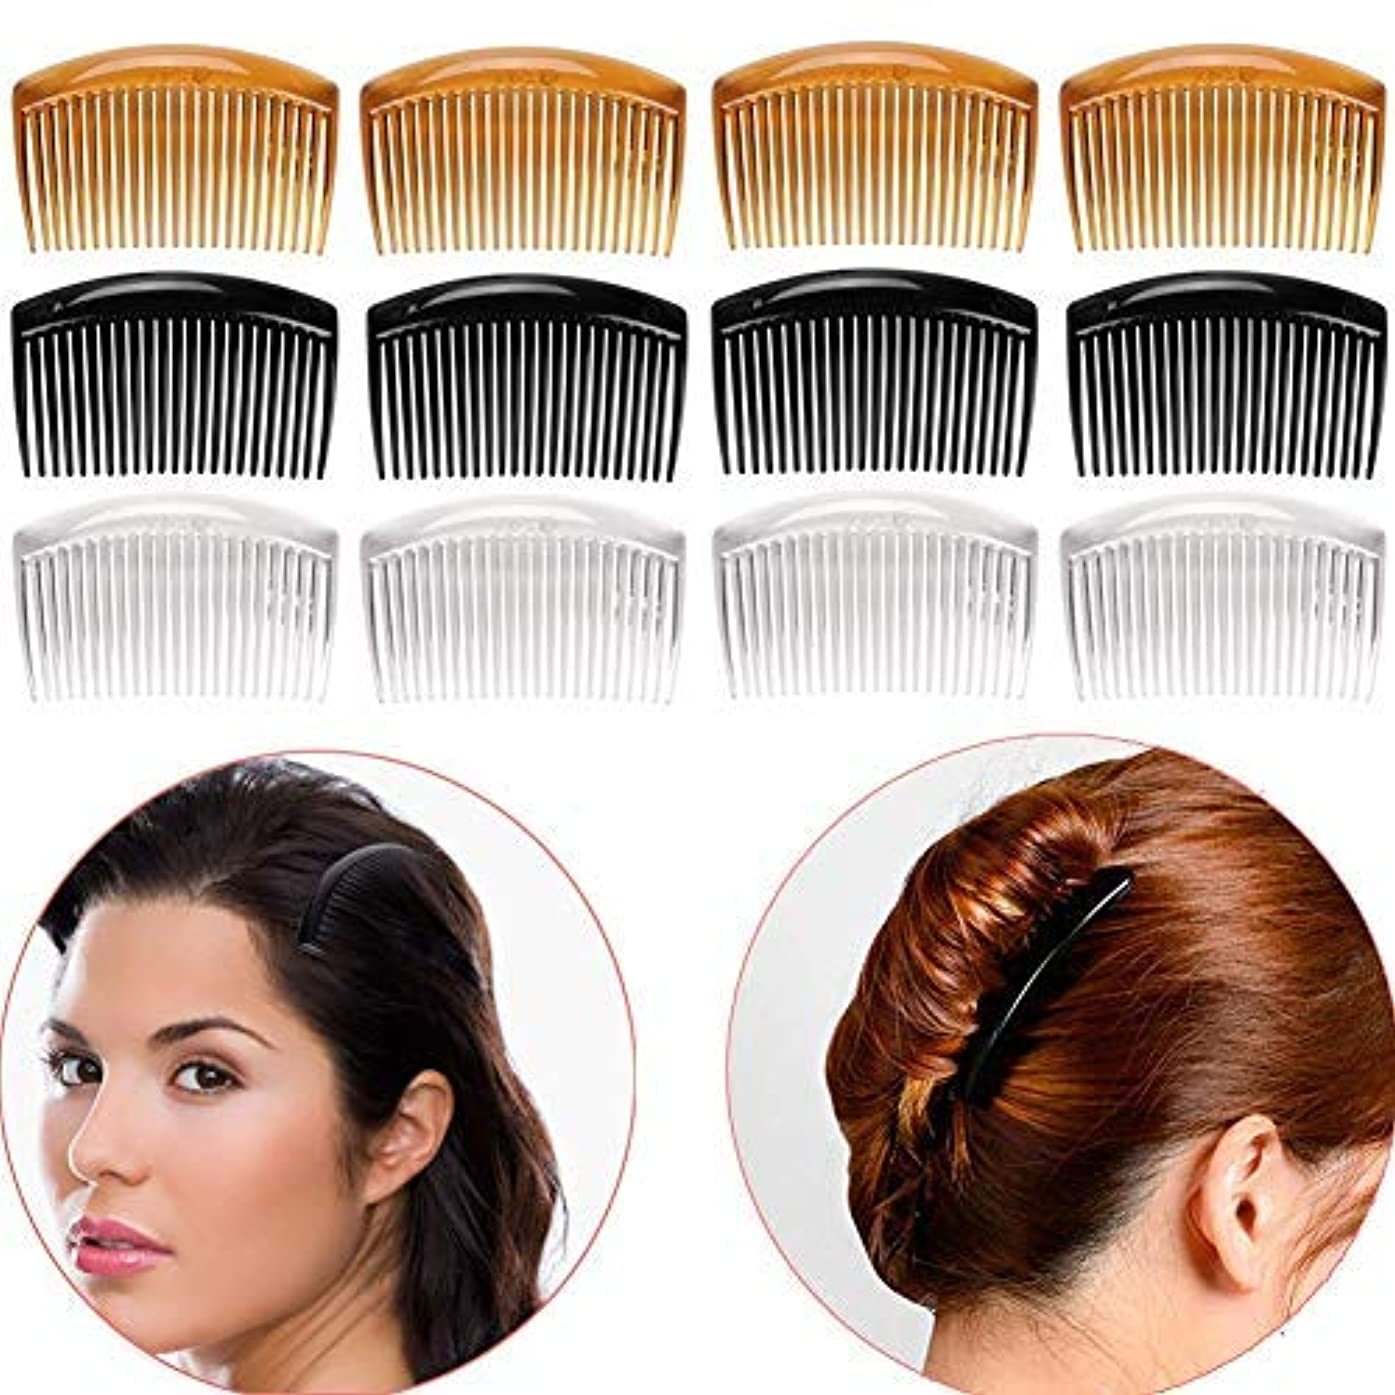 準備したバランスのとれた誤Luckycivia 12Pcs French Twist Comb, Plastic Side Hair Combs with 23 Teeth, Strong Hold No Slip Grip and Durable...